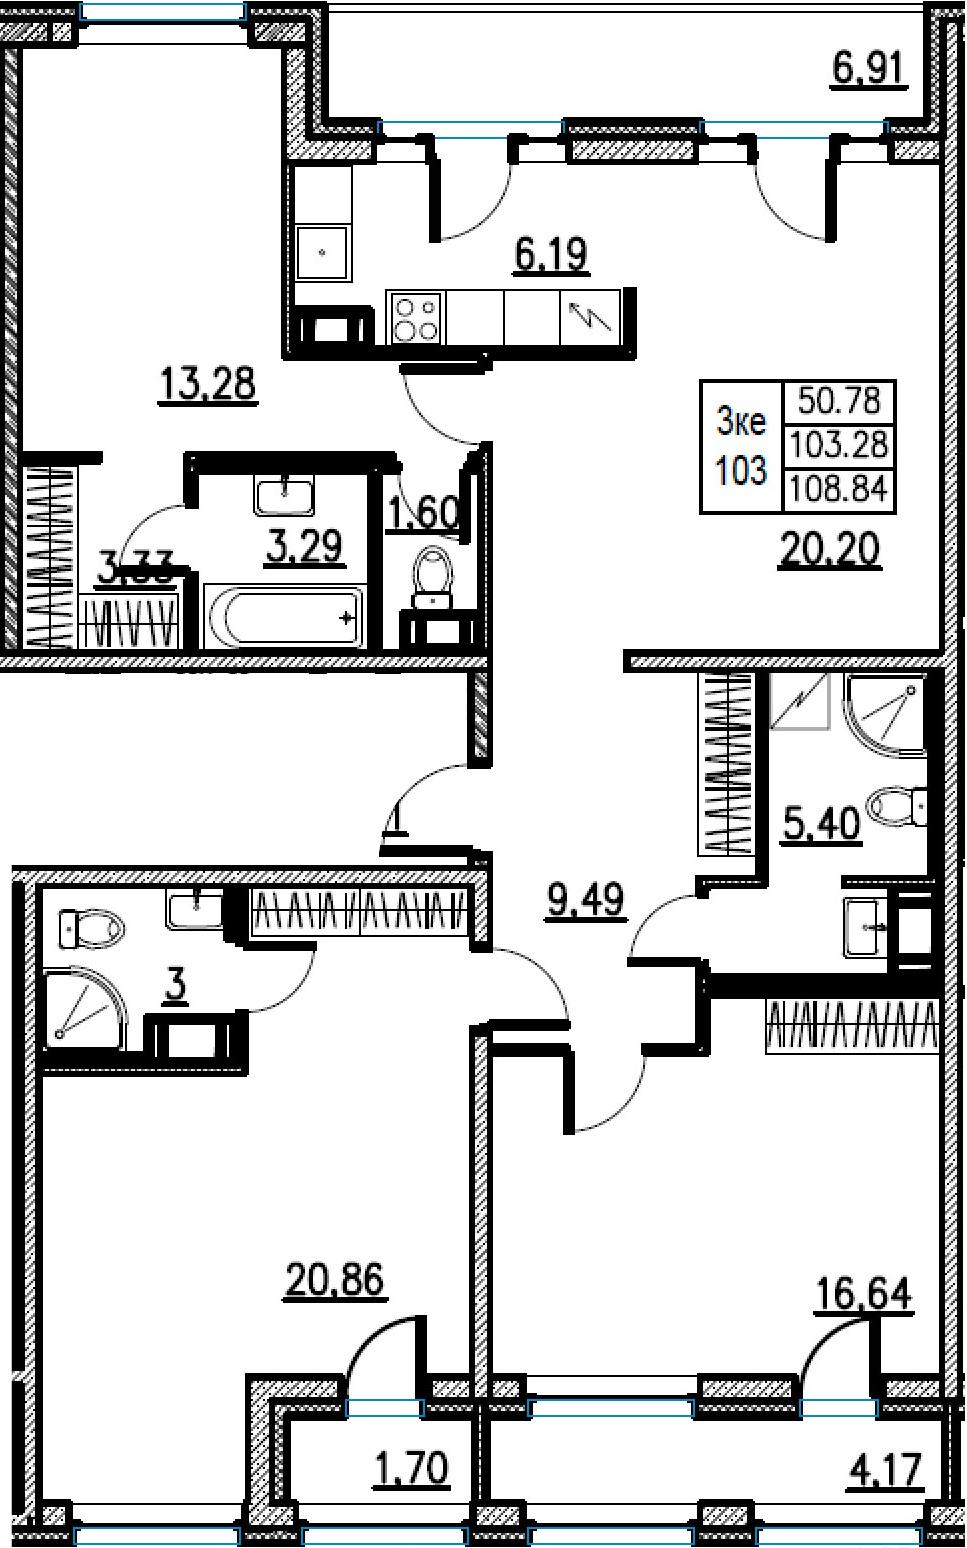 4Е-комнатная, 108.84 м²– 2